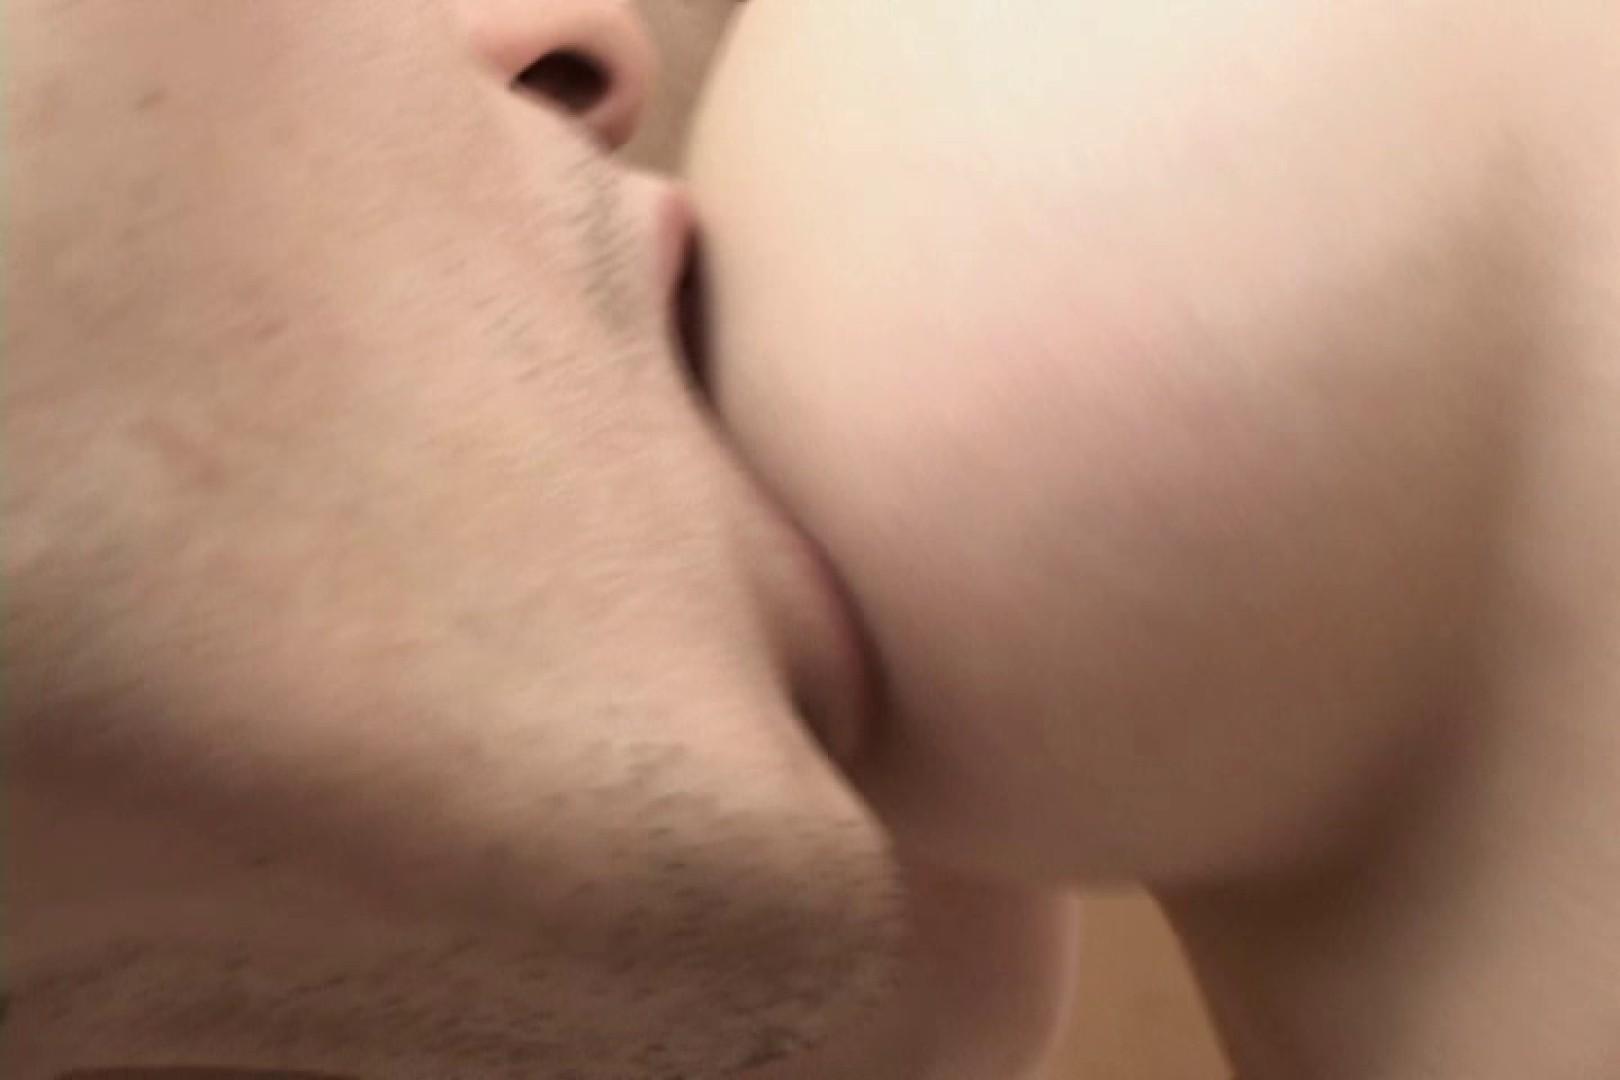 美巨乳の素人嬢とハメ撮りセックス~桜田けいこ~ ギャル達のおっぱい | ギャル達のセックス  91画像 17